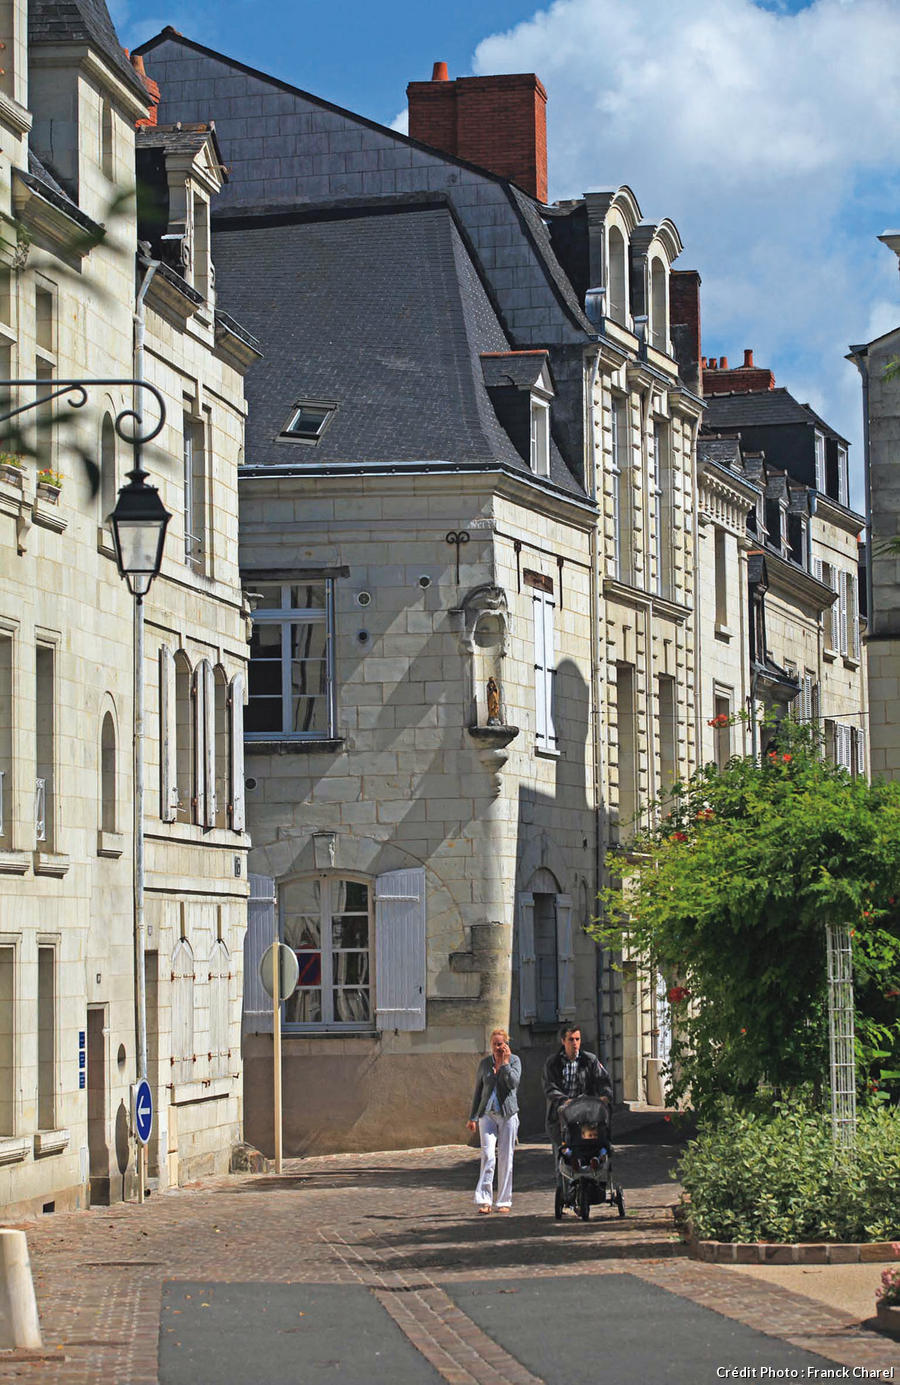 Rue du centre-ville de Saumur, architecture en tuffeau